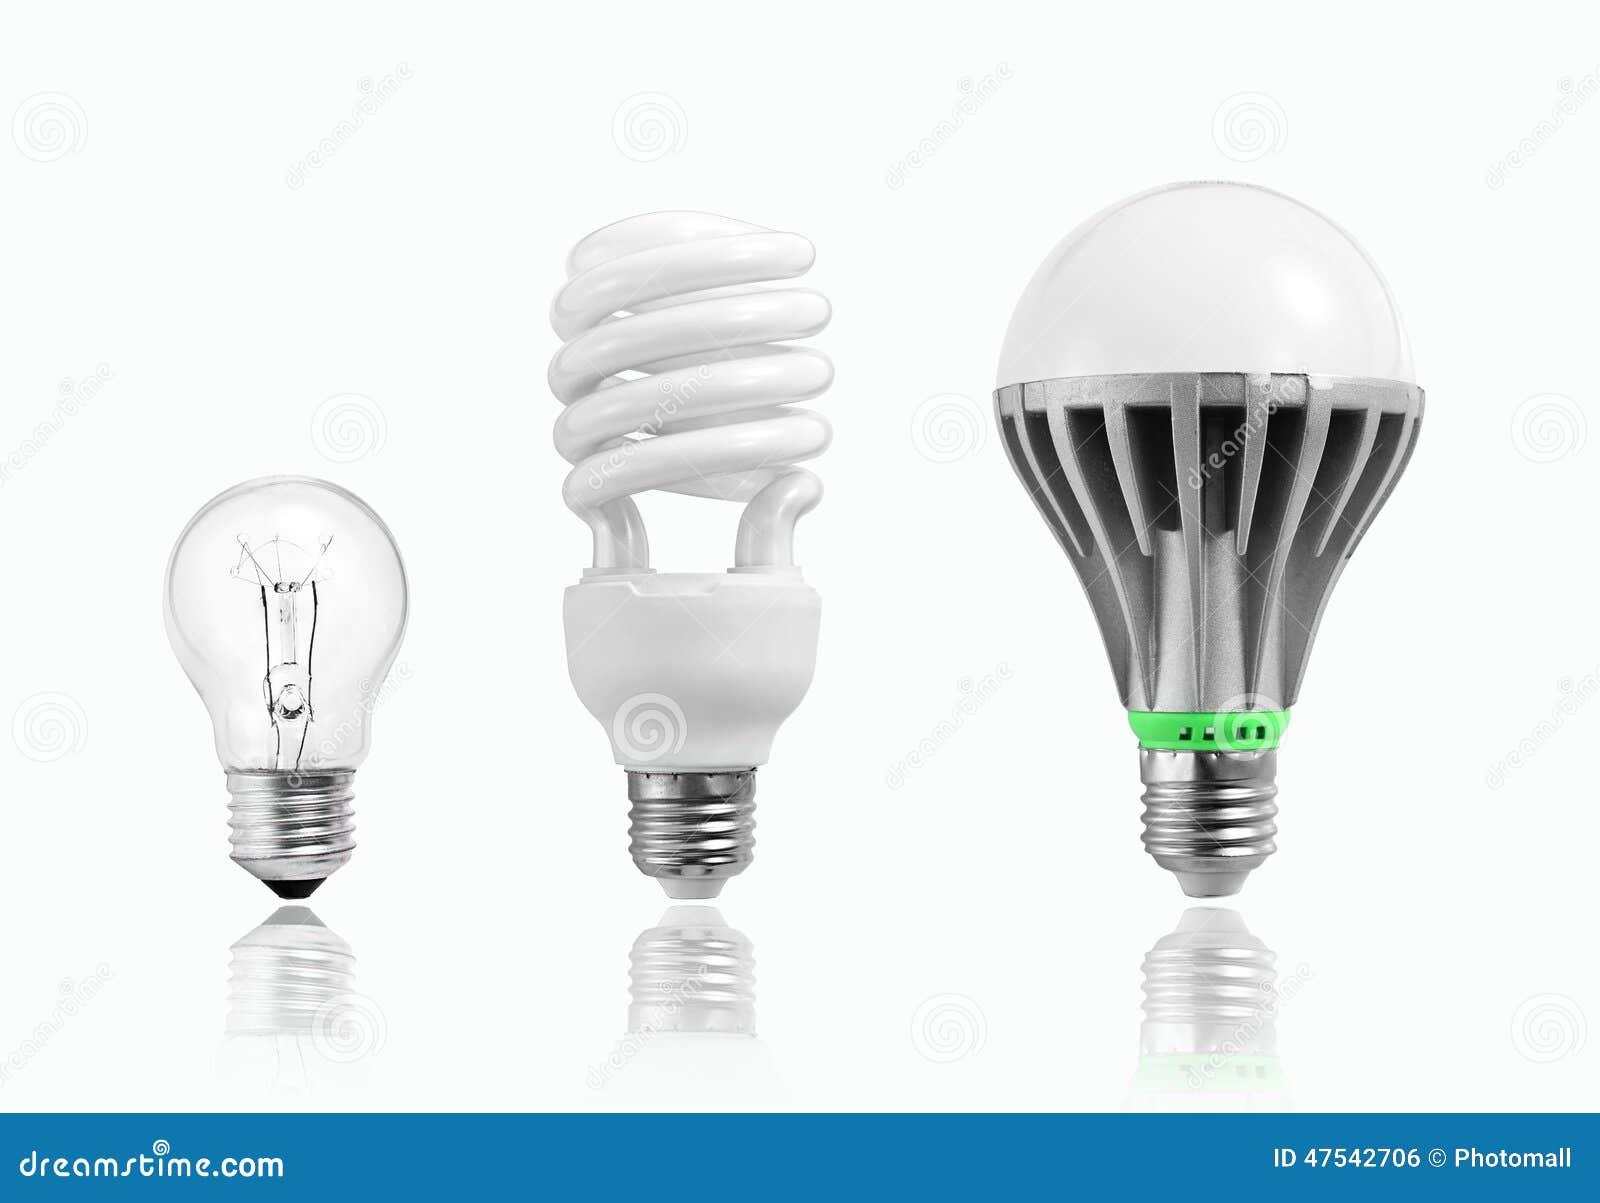 LEDD kula, volframkula, glödande kula, lysrör, evolution av belysning, energi - besparing och miljöskydd